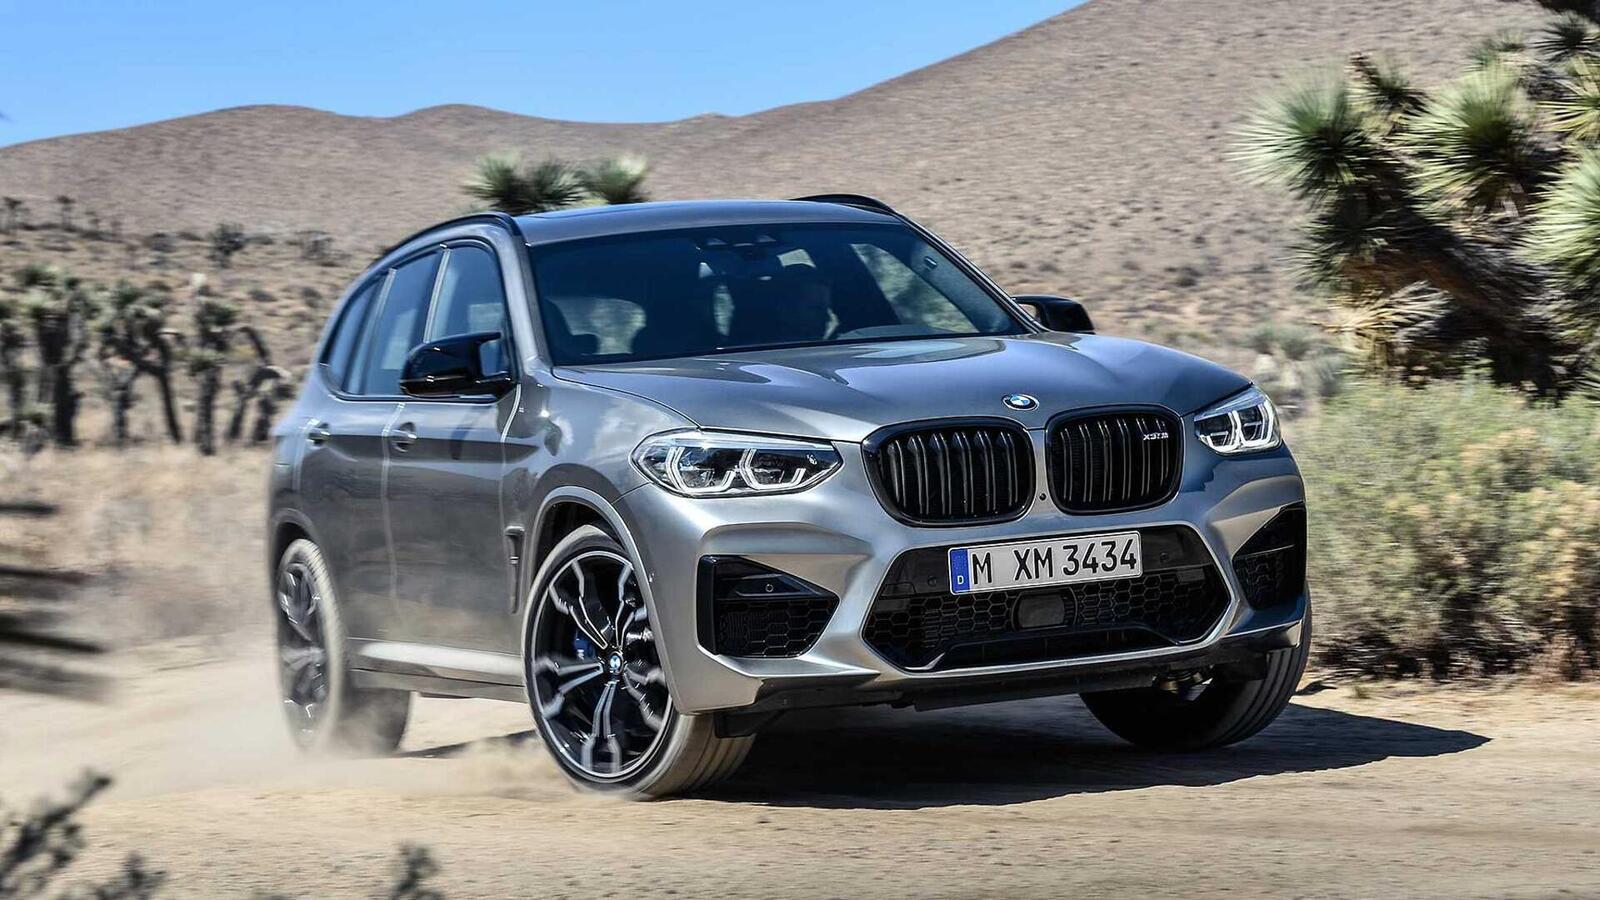 BMW X3 M và X4 M 2020 chính thức ra mắt: Mang trong mình sức mạnh từ 473 - 503 mã lực - Hình 6